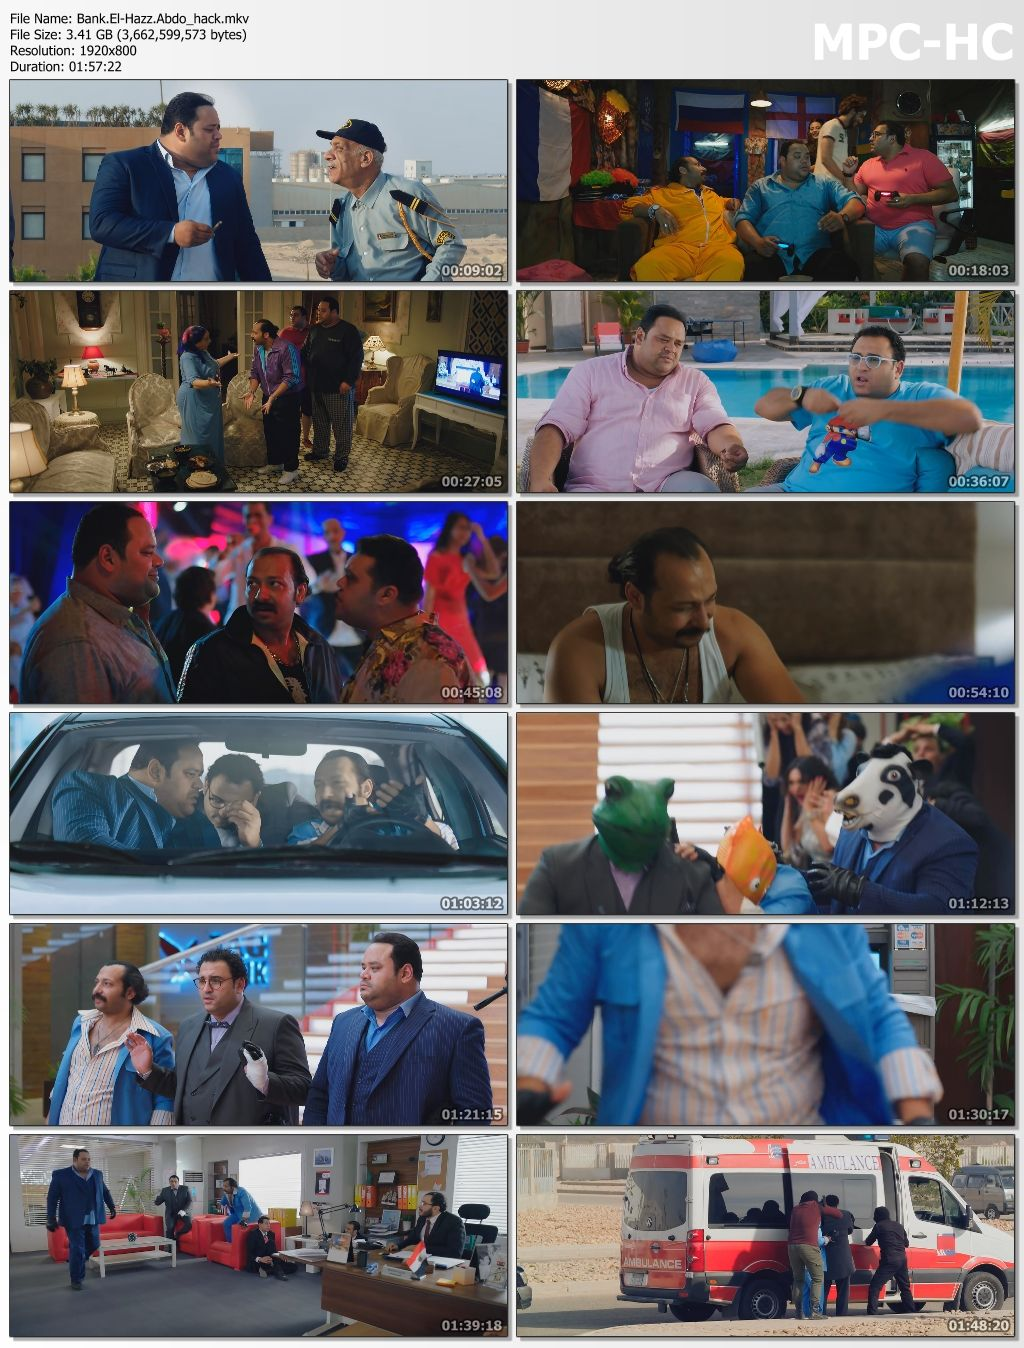 [فيلم][تورنت][تحميل][بنك الحظ][2017][1080p][HDTV] 8 arabp2p.com